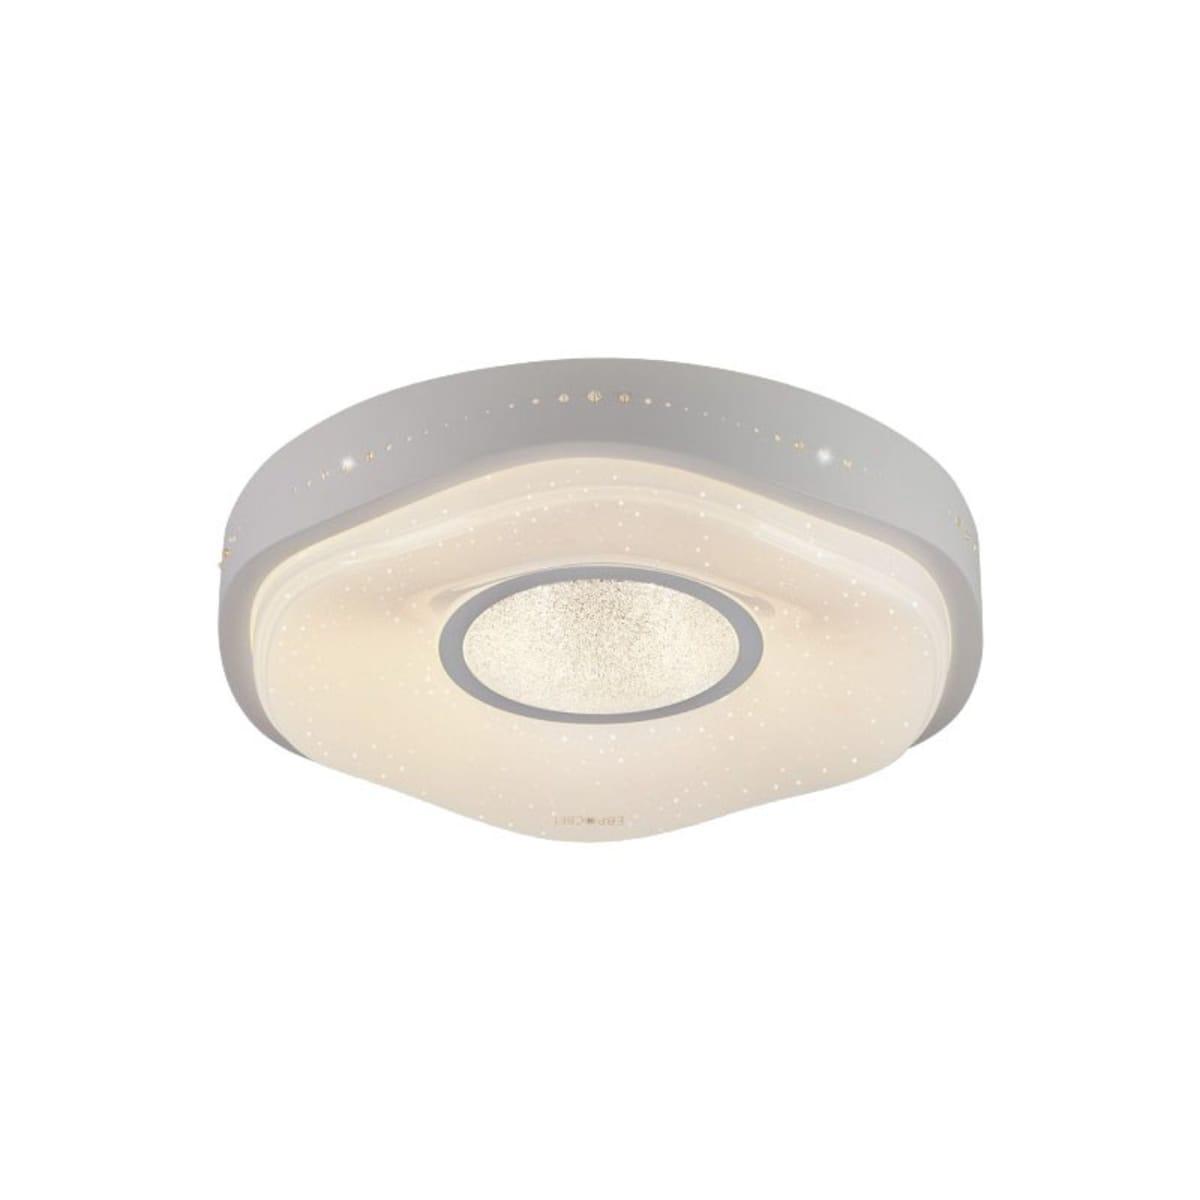 Светильник настенно-потолочный светодиодный Eurosvet Universal 40011/1 LED белый  цвет белый